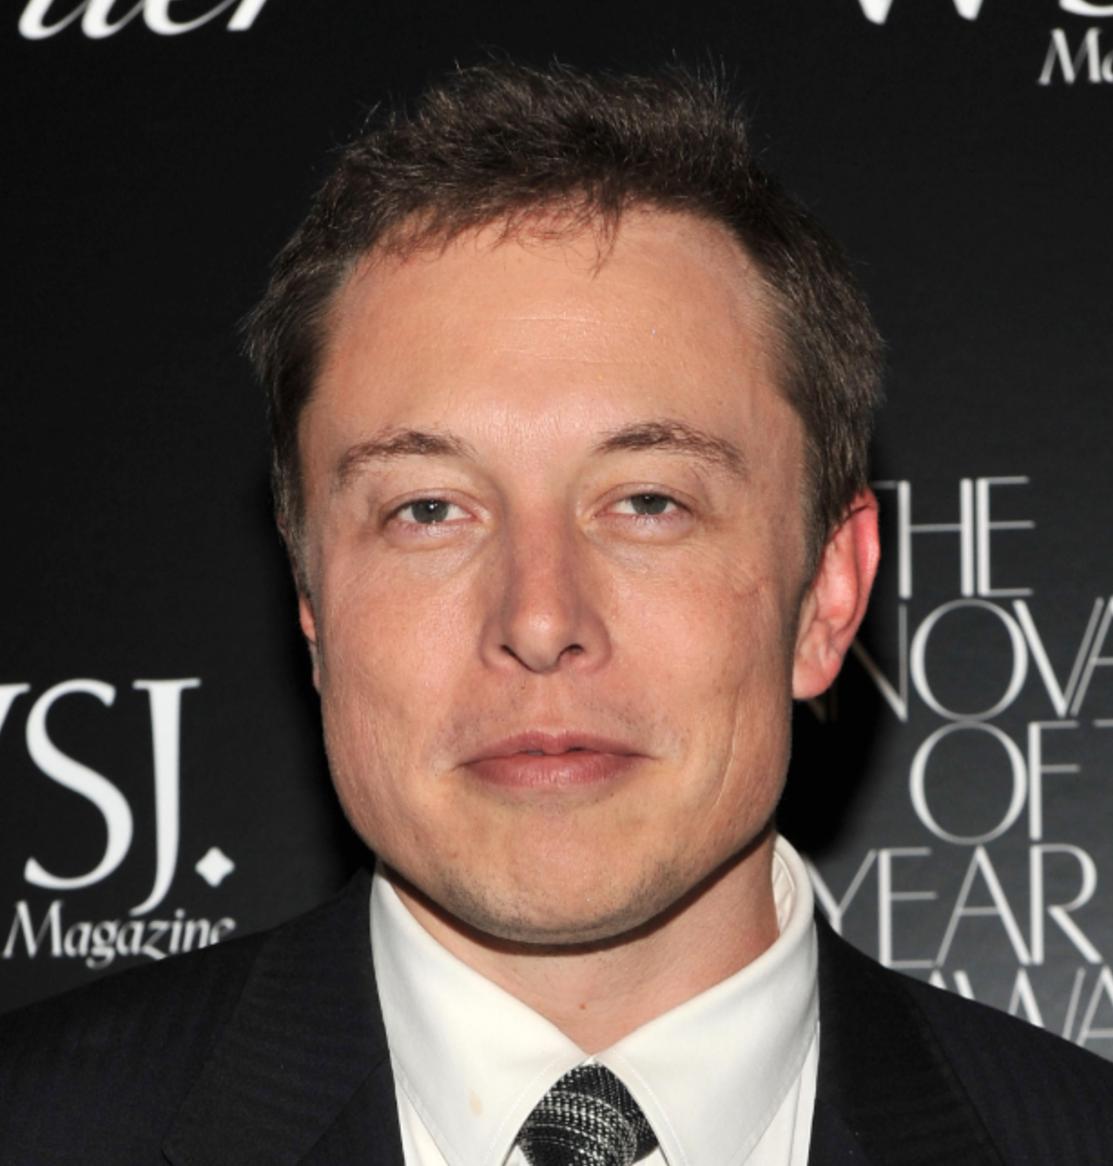 Elon Musk, ecco il mio innovativo lancia